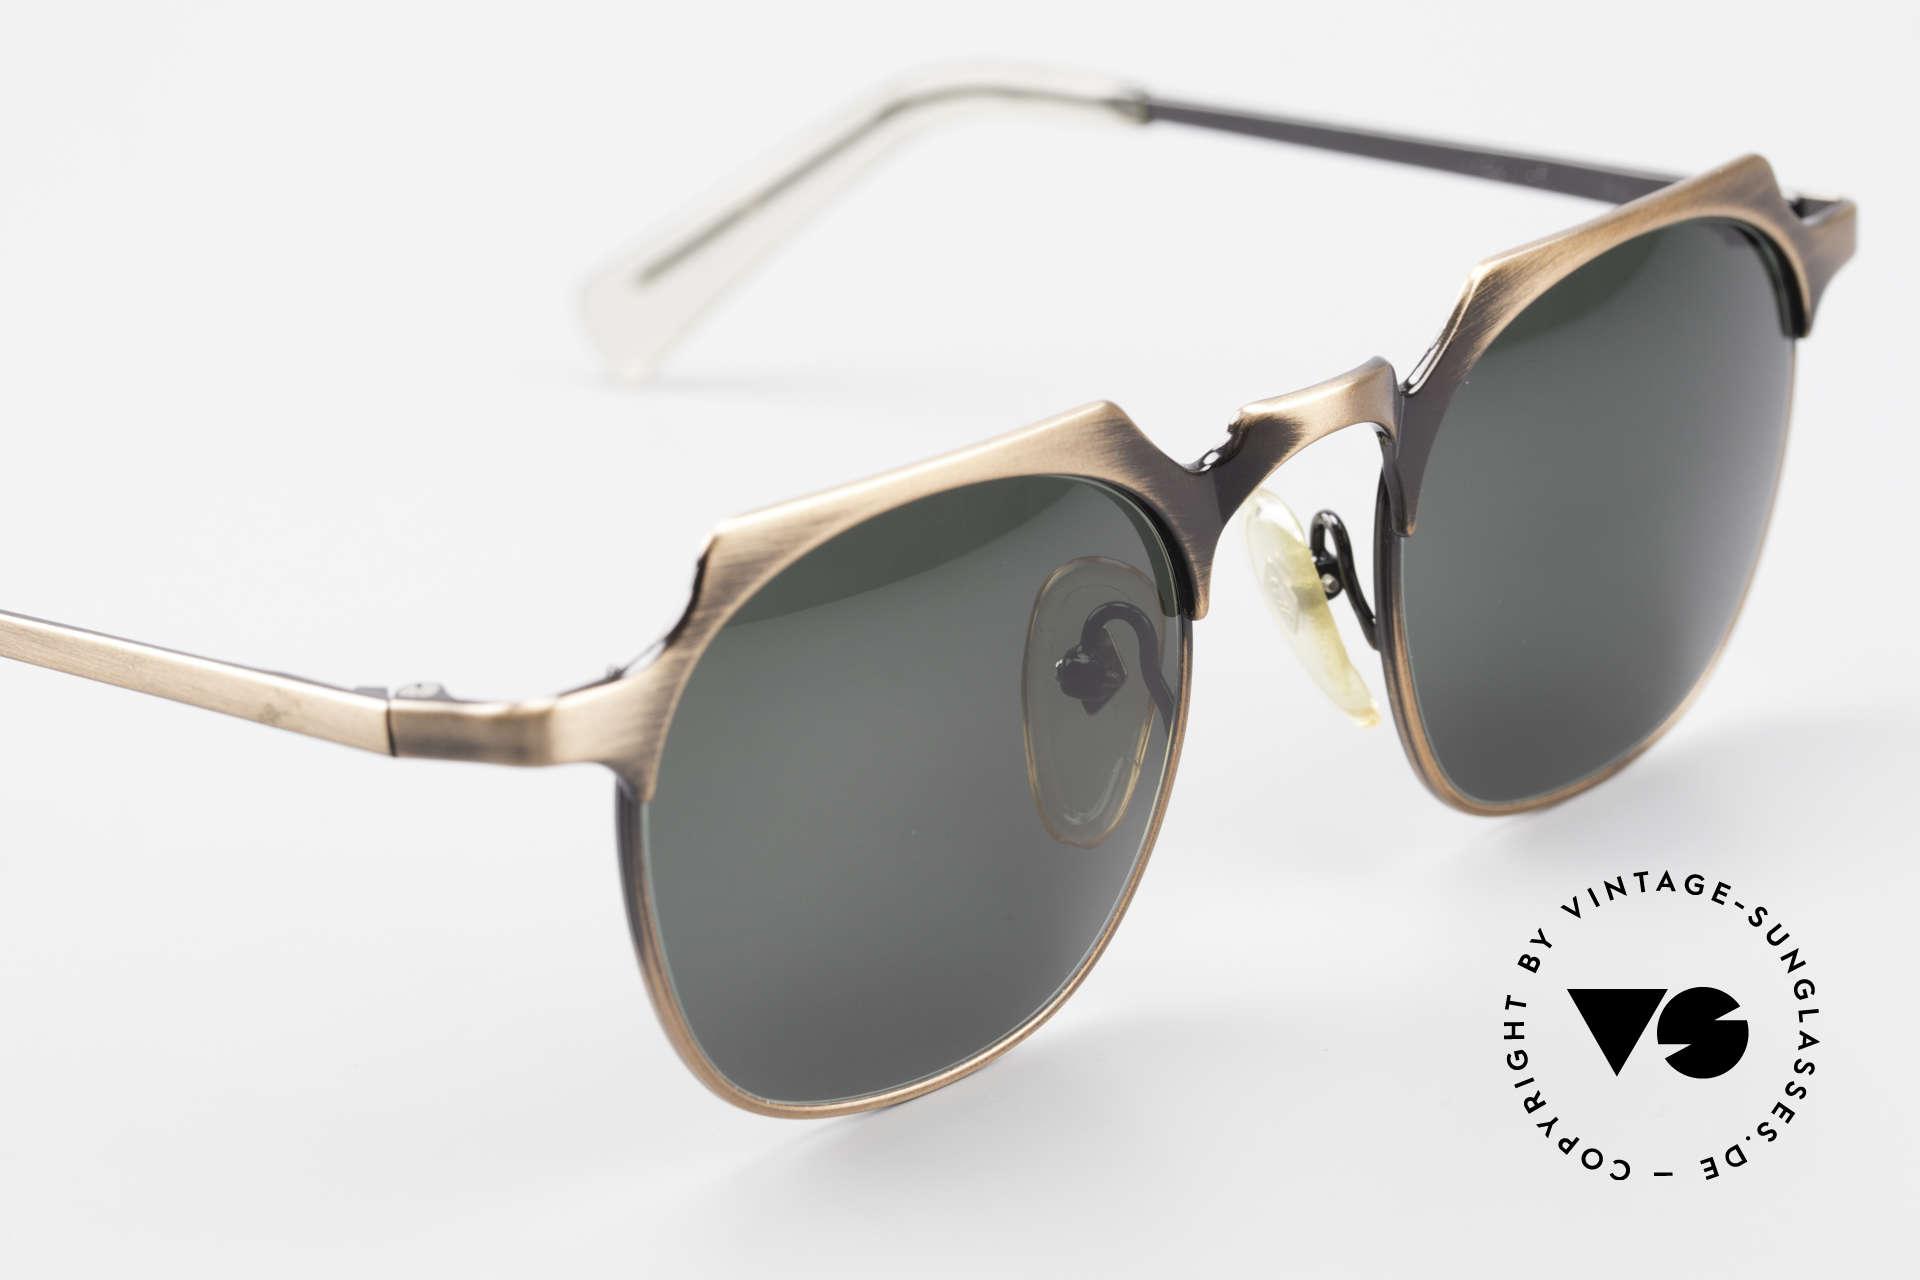 Jean Paul Gaultier 57-0171 Panto Sonnenbrille Eckig 90er, ungetragen (wie alle unsere alten Designerbrillen), Passend für Herren